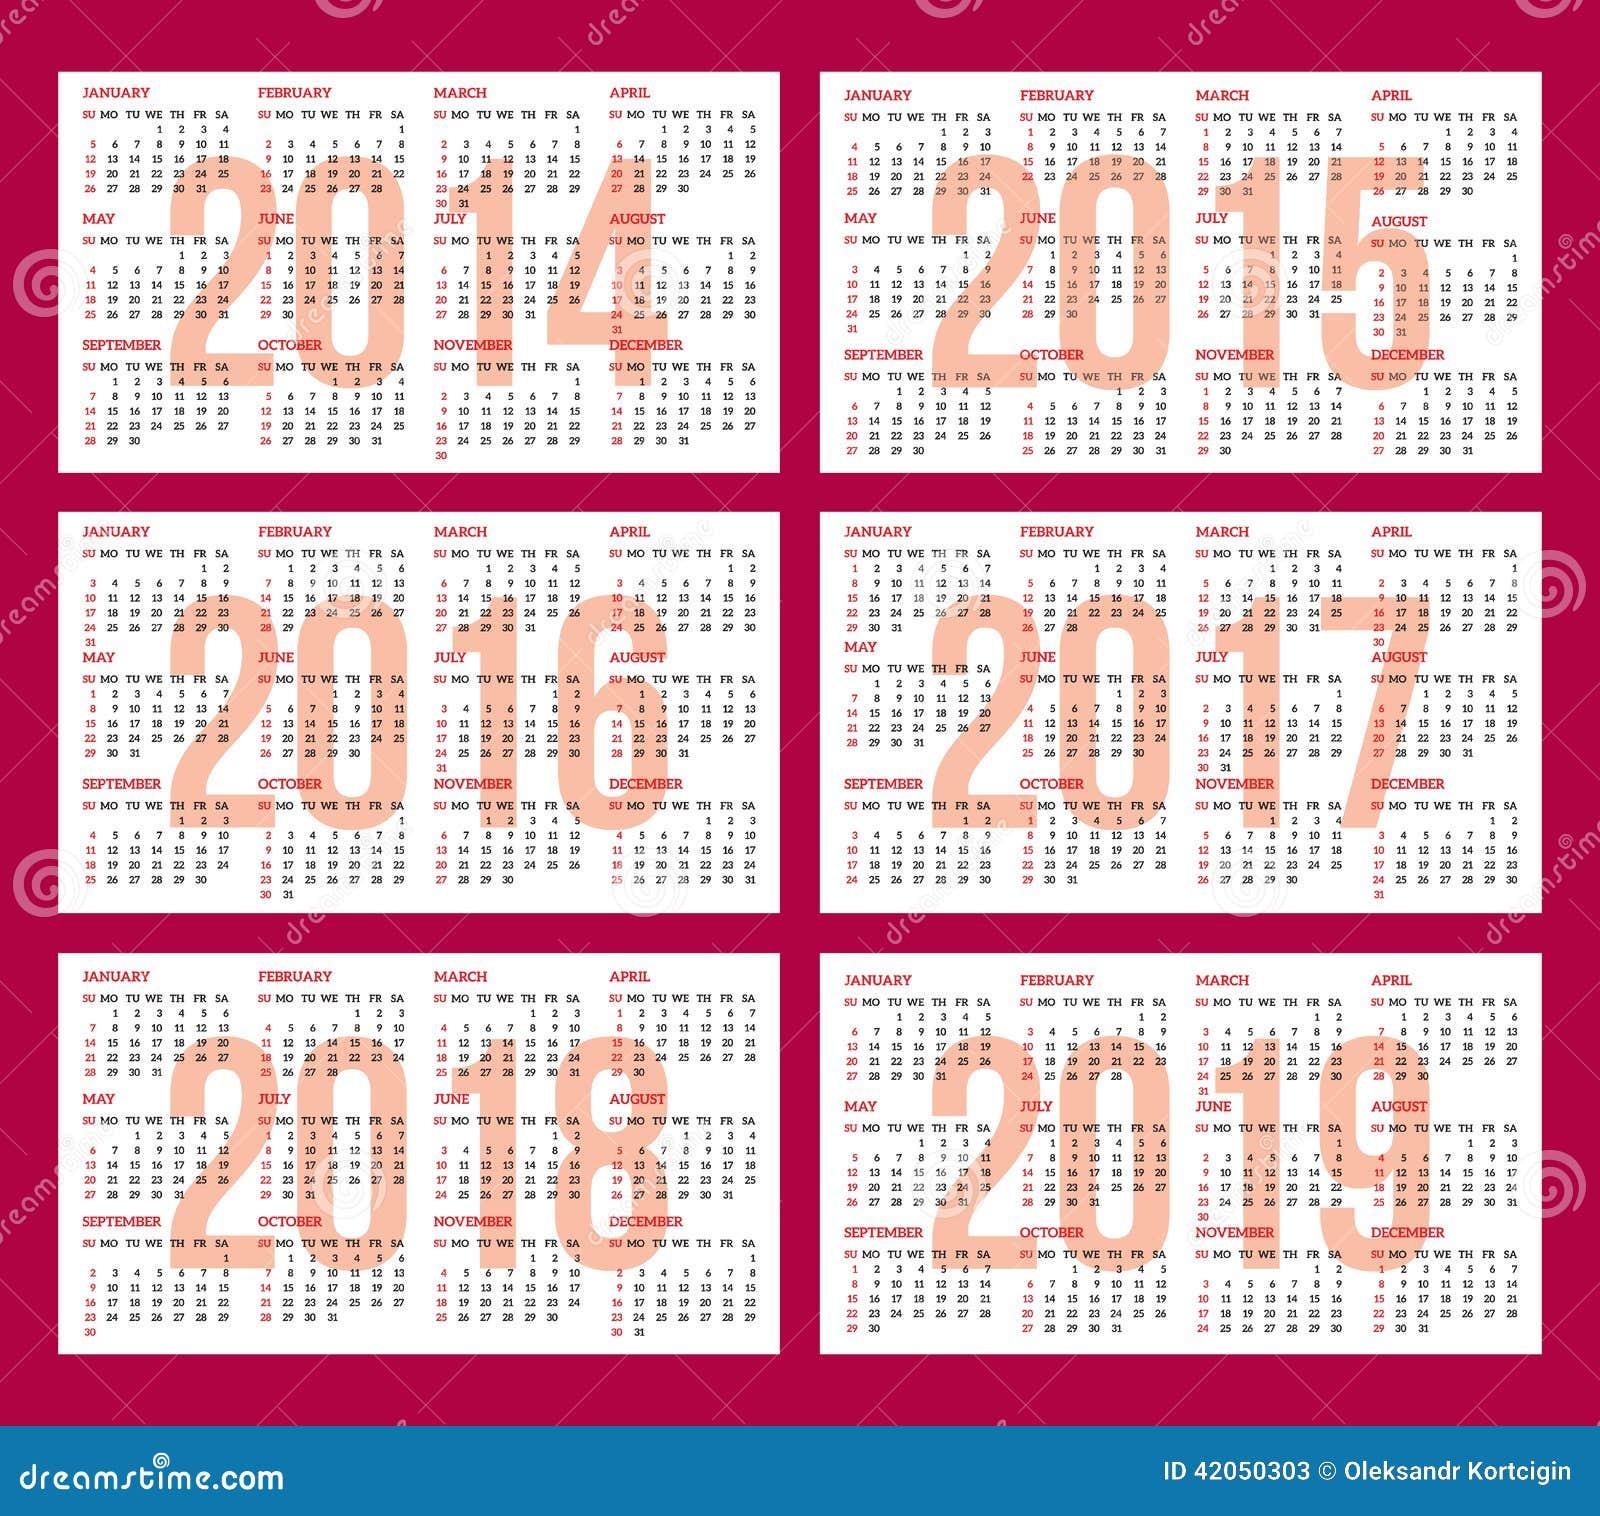 calendar grid for 2014  2015  2016  2017  2018  2019 stock